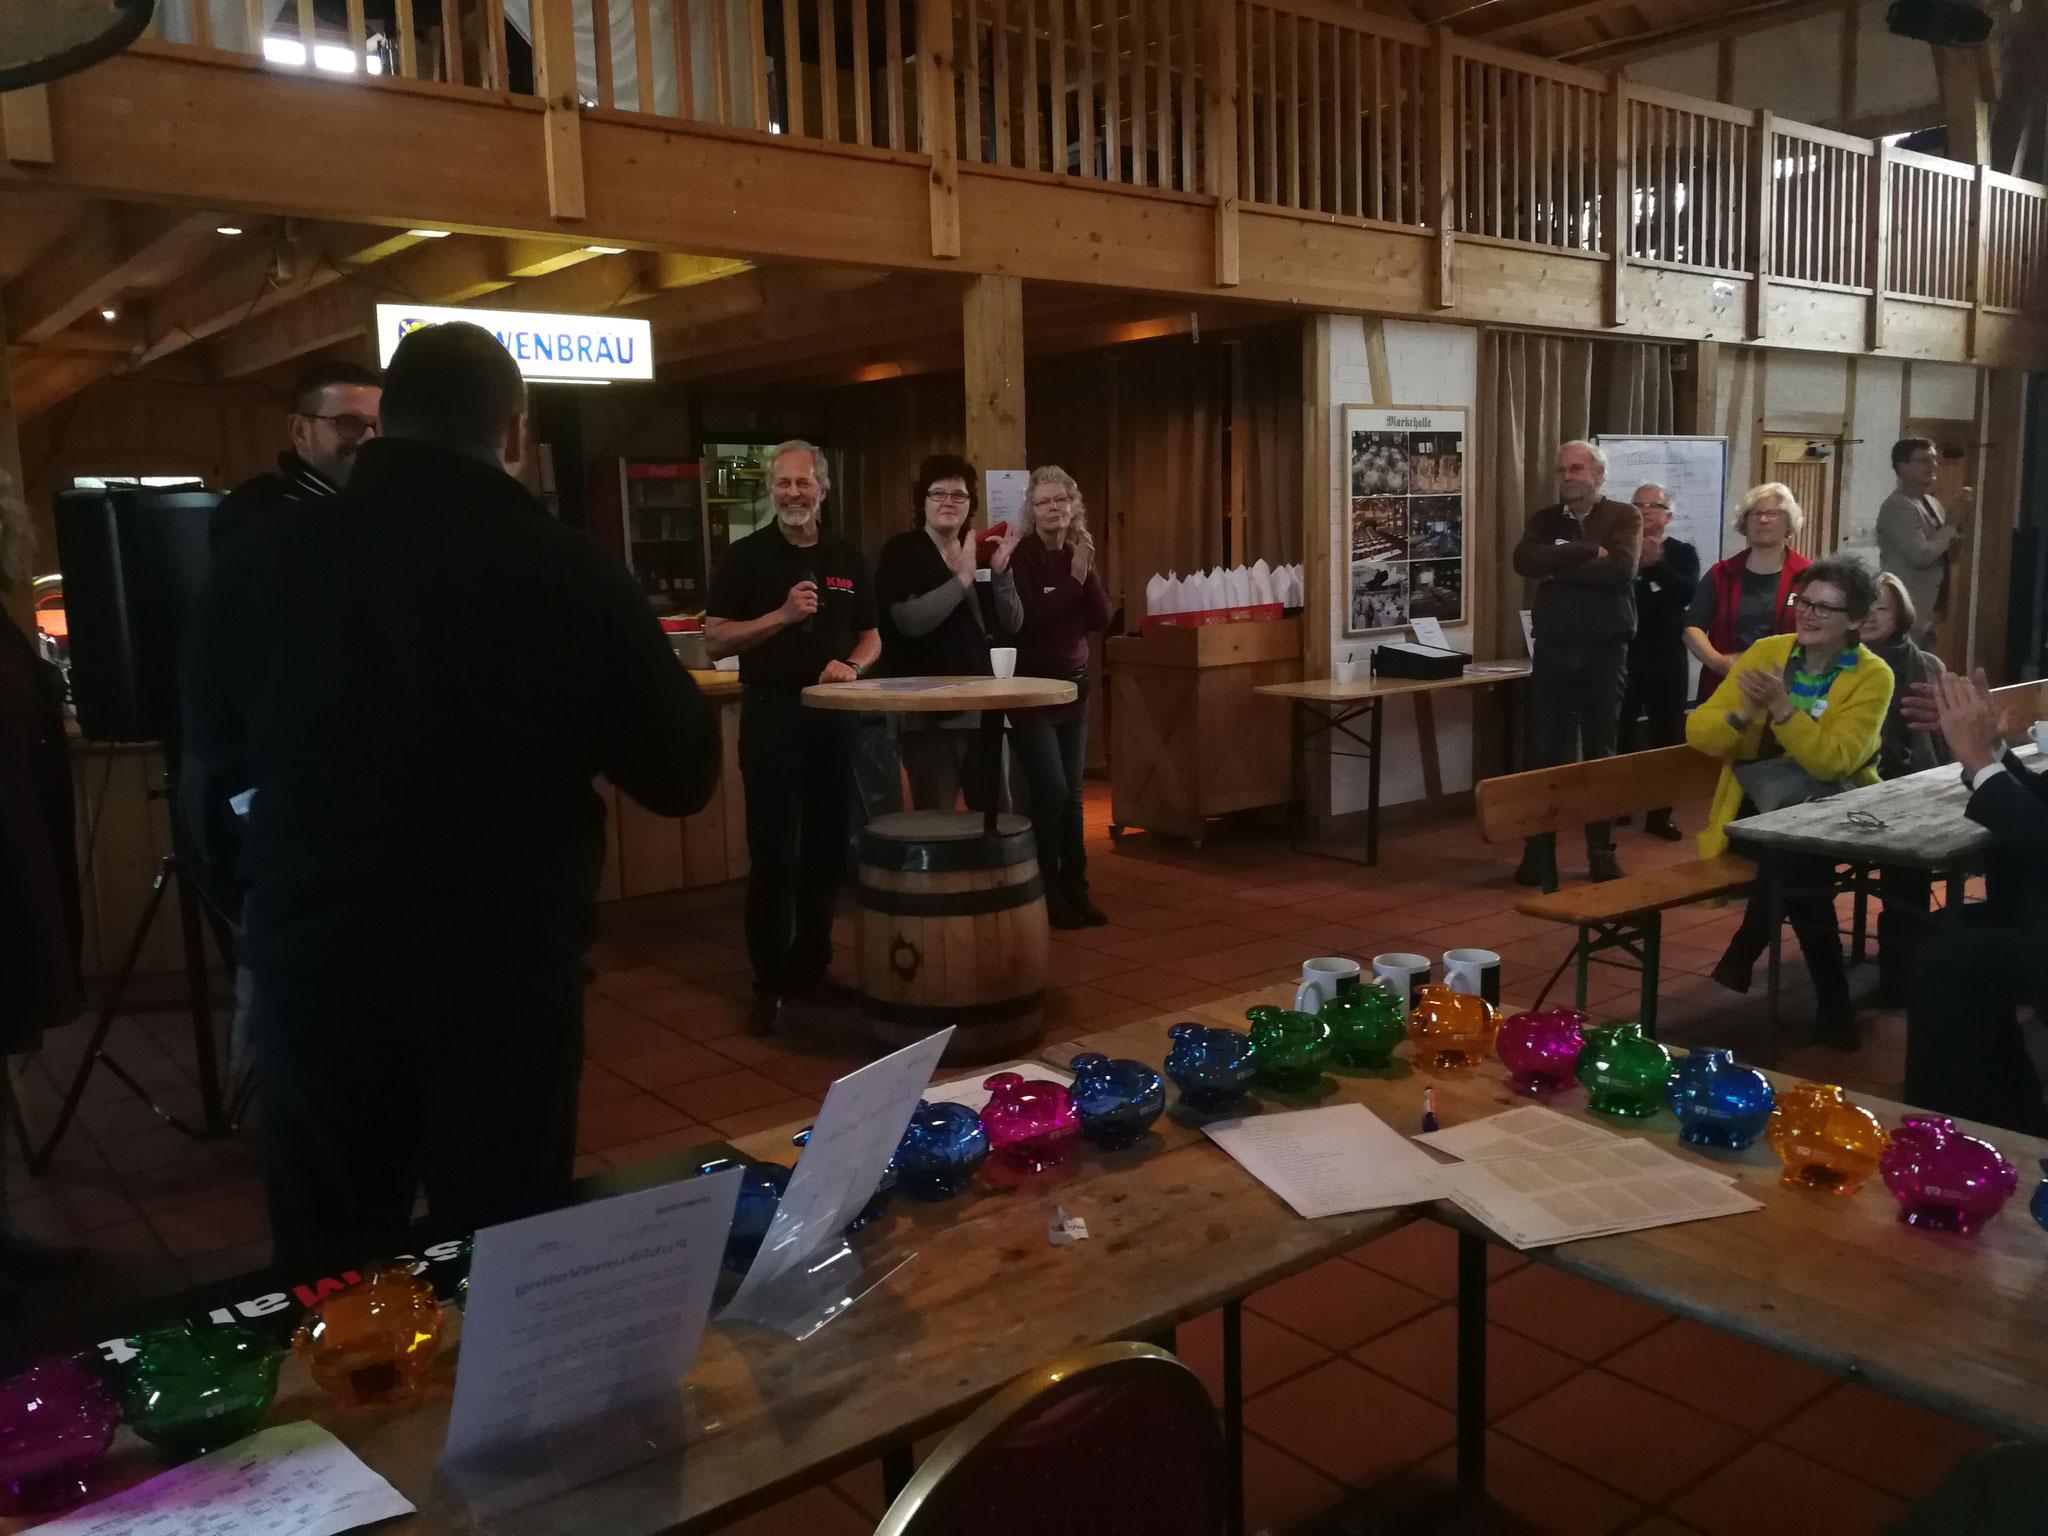 Begrüßung von Herrn BM Borstel und Herrn Kreistagsabgeordneten Steinhausen durch KMP Inhaber und Ausstellungs-Organisator  Lutz Rasemann